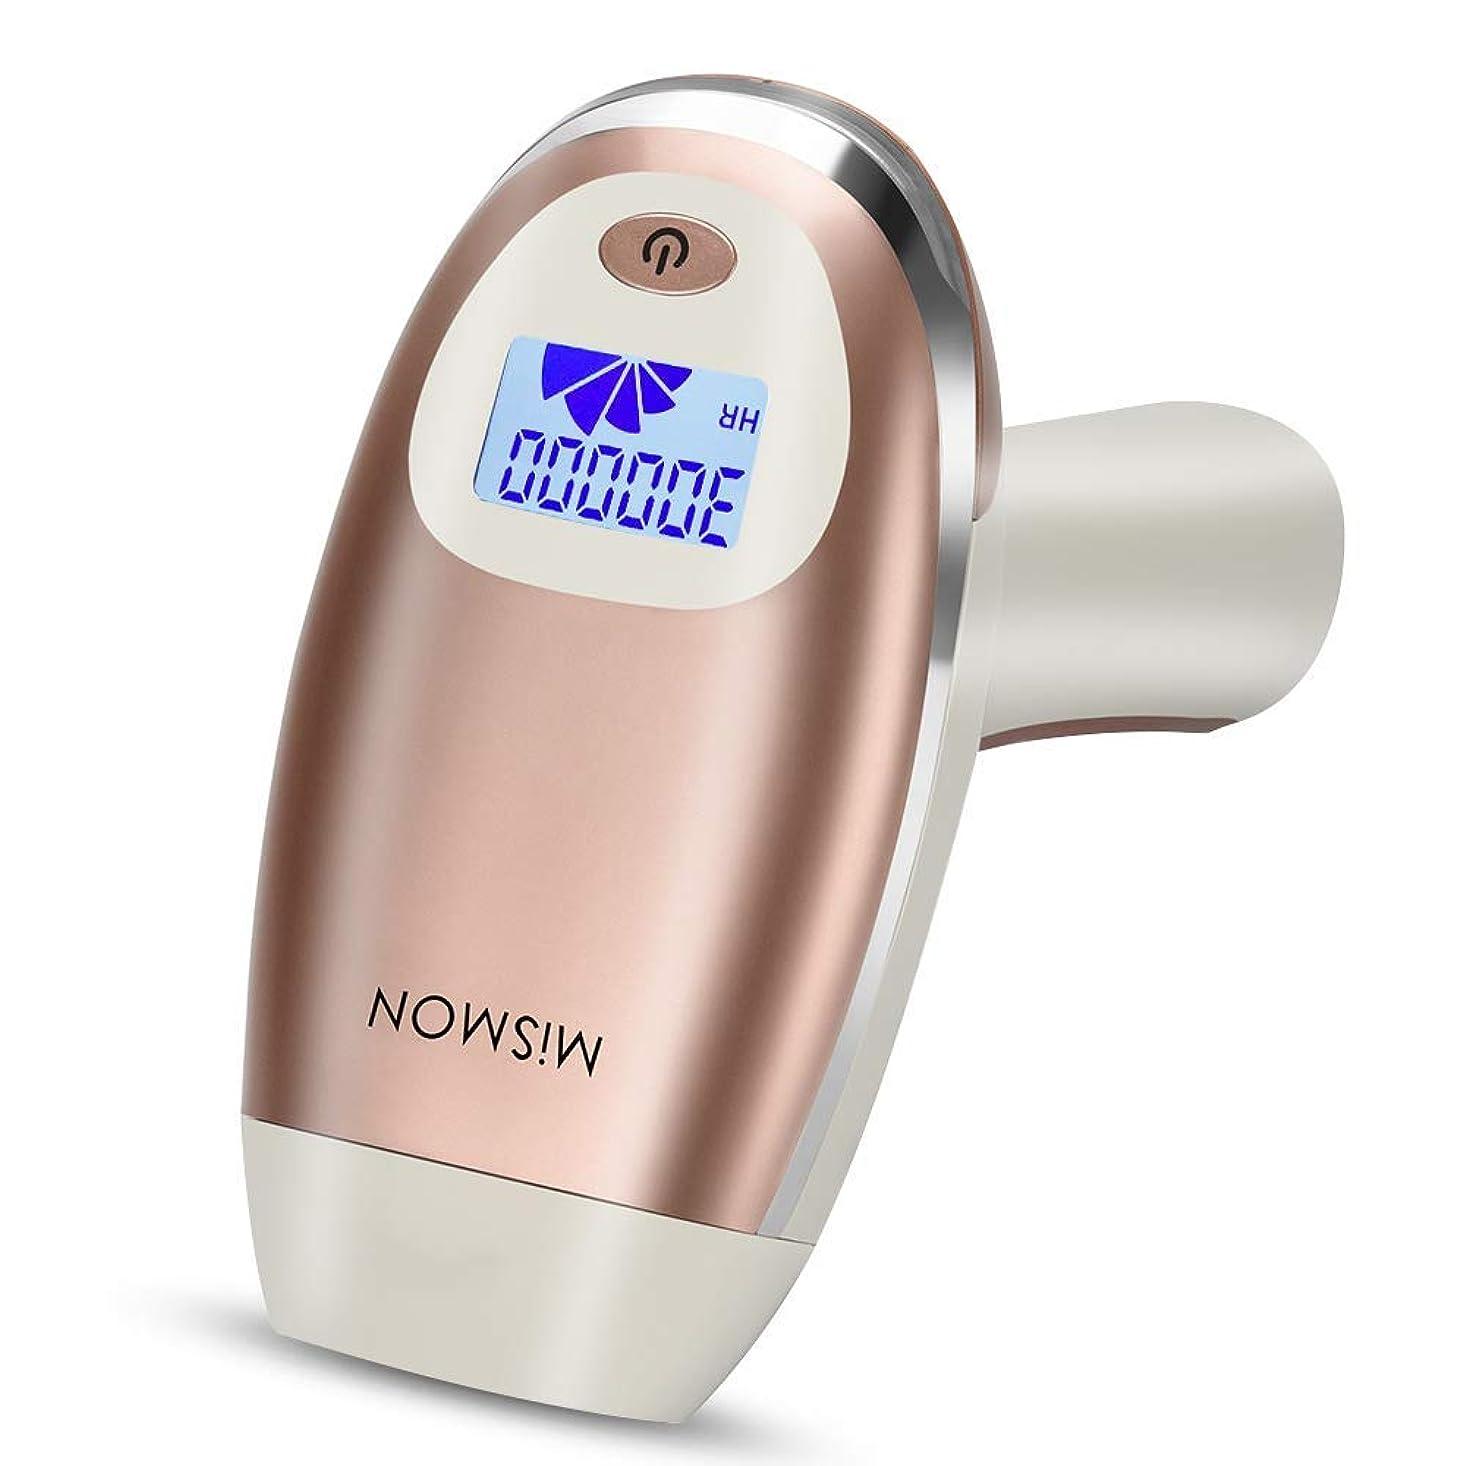 修士号ノベルティガジュマルIPLレーザー脱毛、ビキニライン、脇の下、足などのスキンカラーセンサーとメガネ付きの永久脱毛デバイス-より安全で効果的なIPLテクノロジー